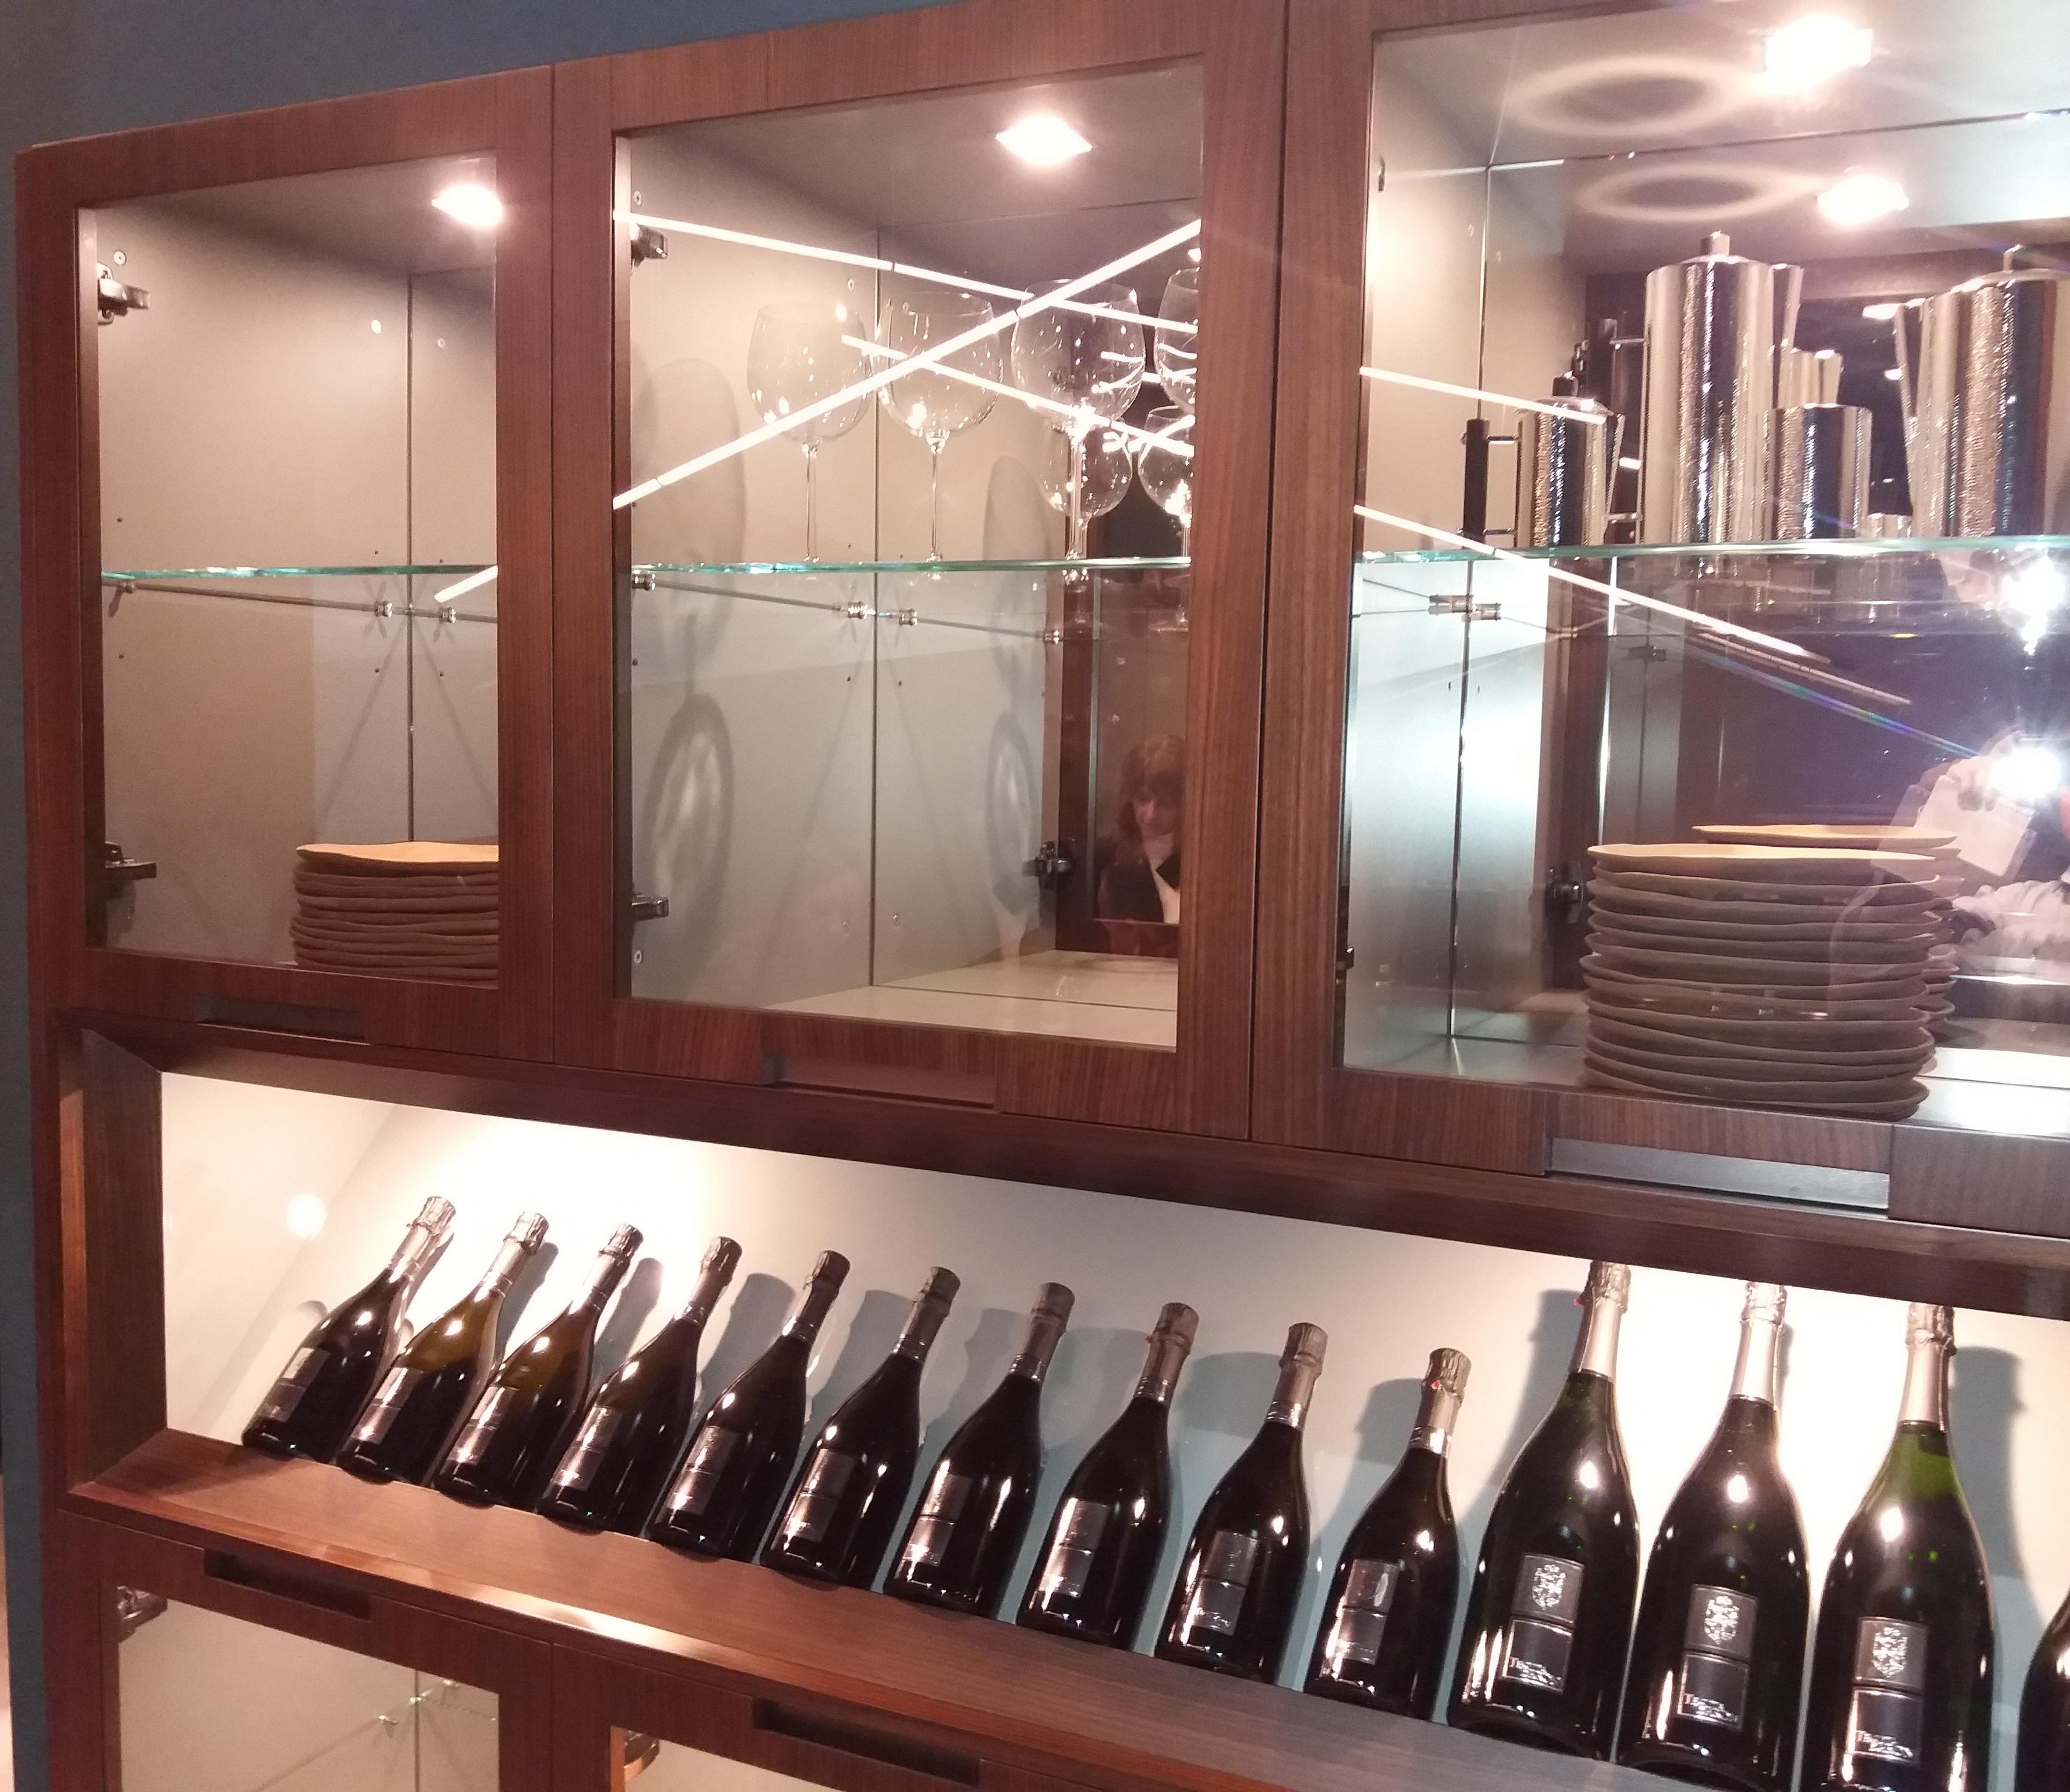 bamax cucine - 28 images - cucine bamax le cucine bindi prodotti di ...